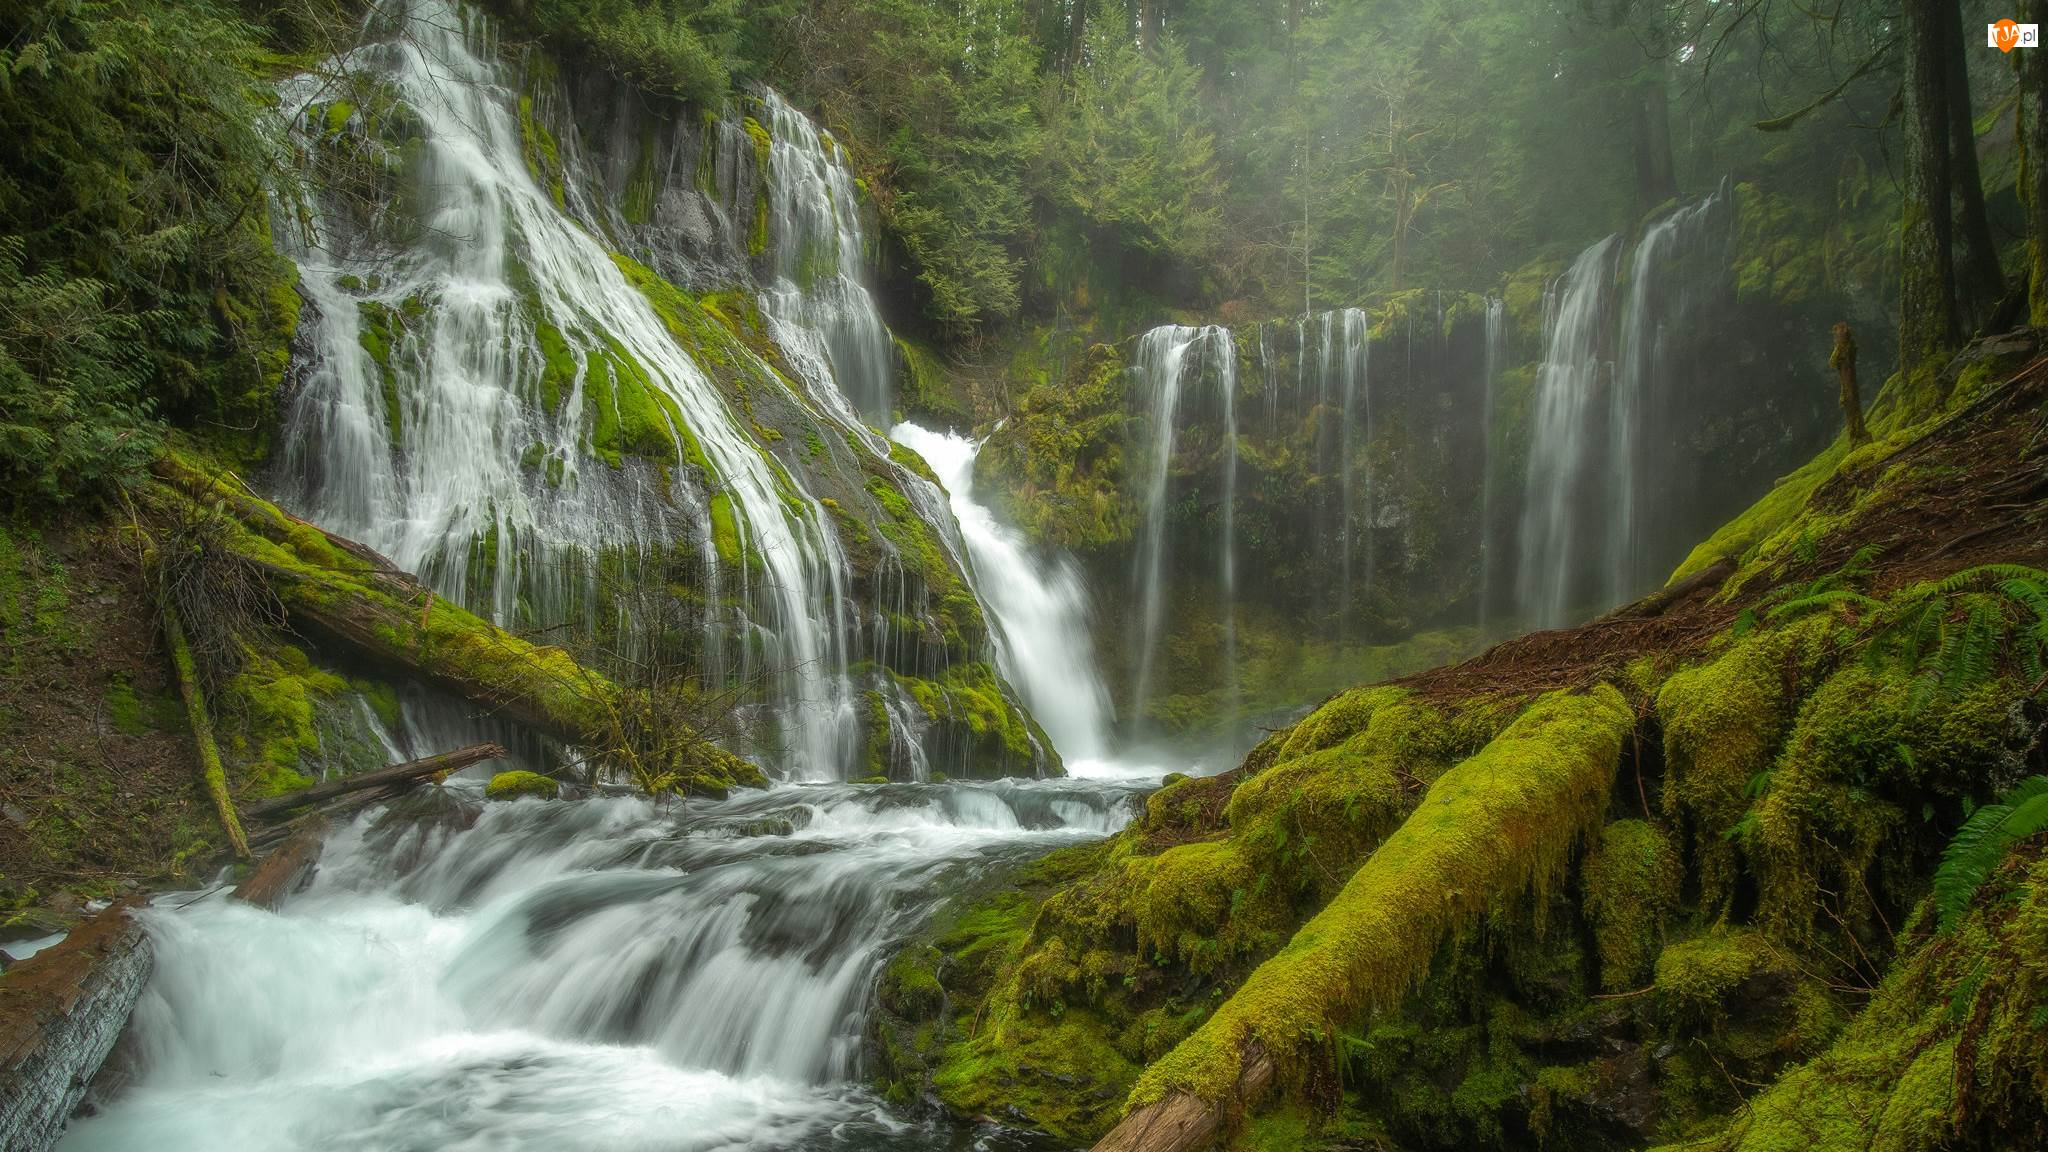 Stan Waszyngton, Miejsce chronione, Gifford Pinchot National Forest, Wodospad Panther Creek Falls, Drzewa, Las, Pnie, Omszałe, Roślinność, Stany Zjednoczone